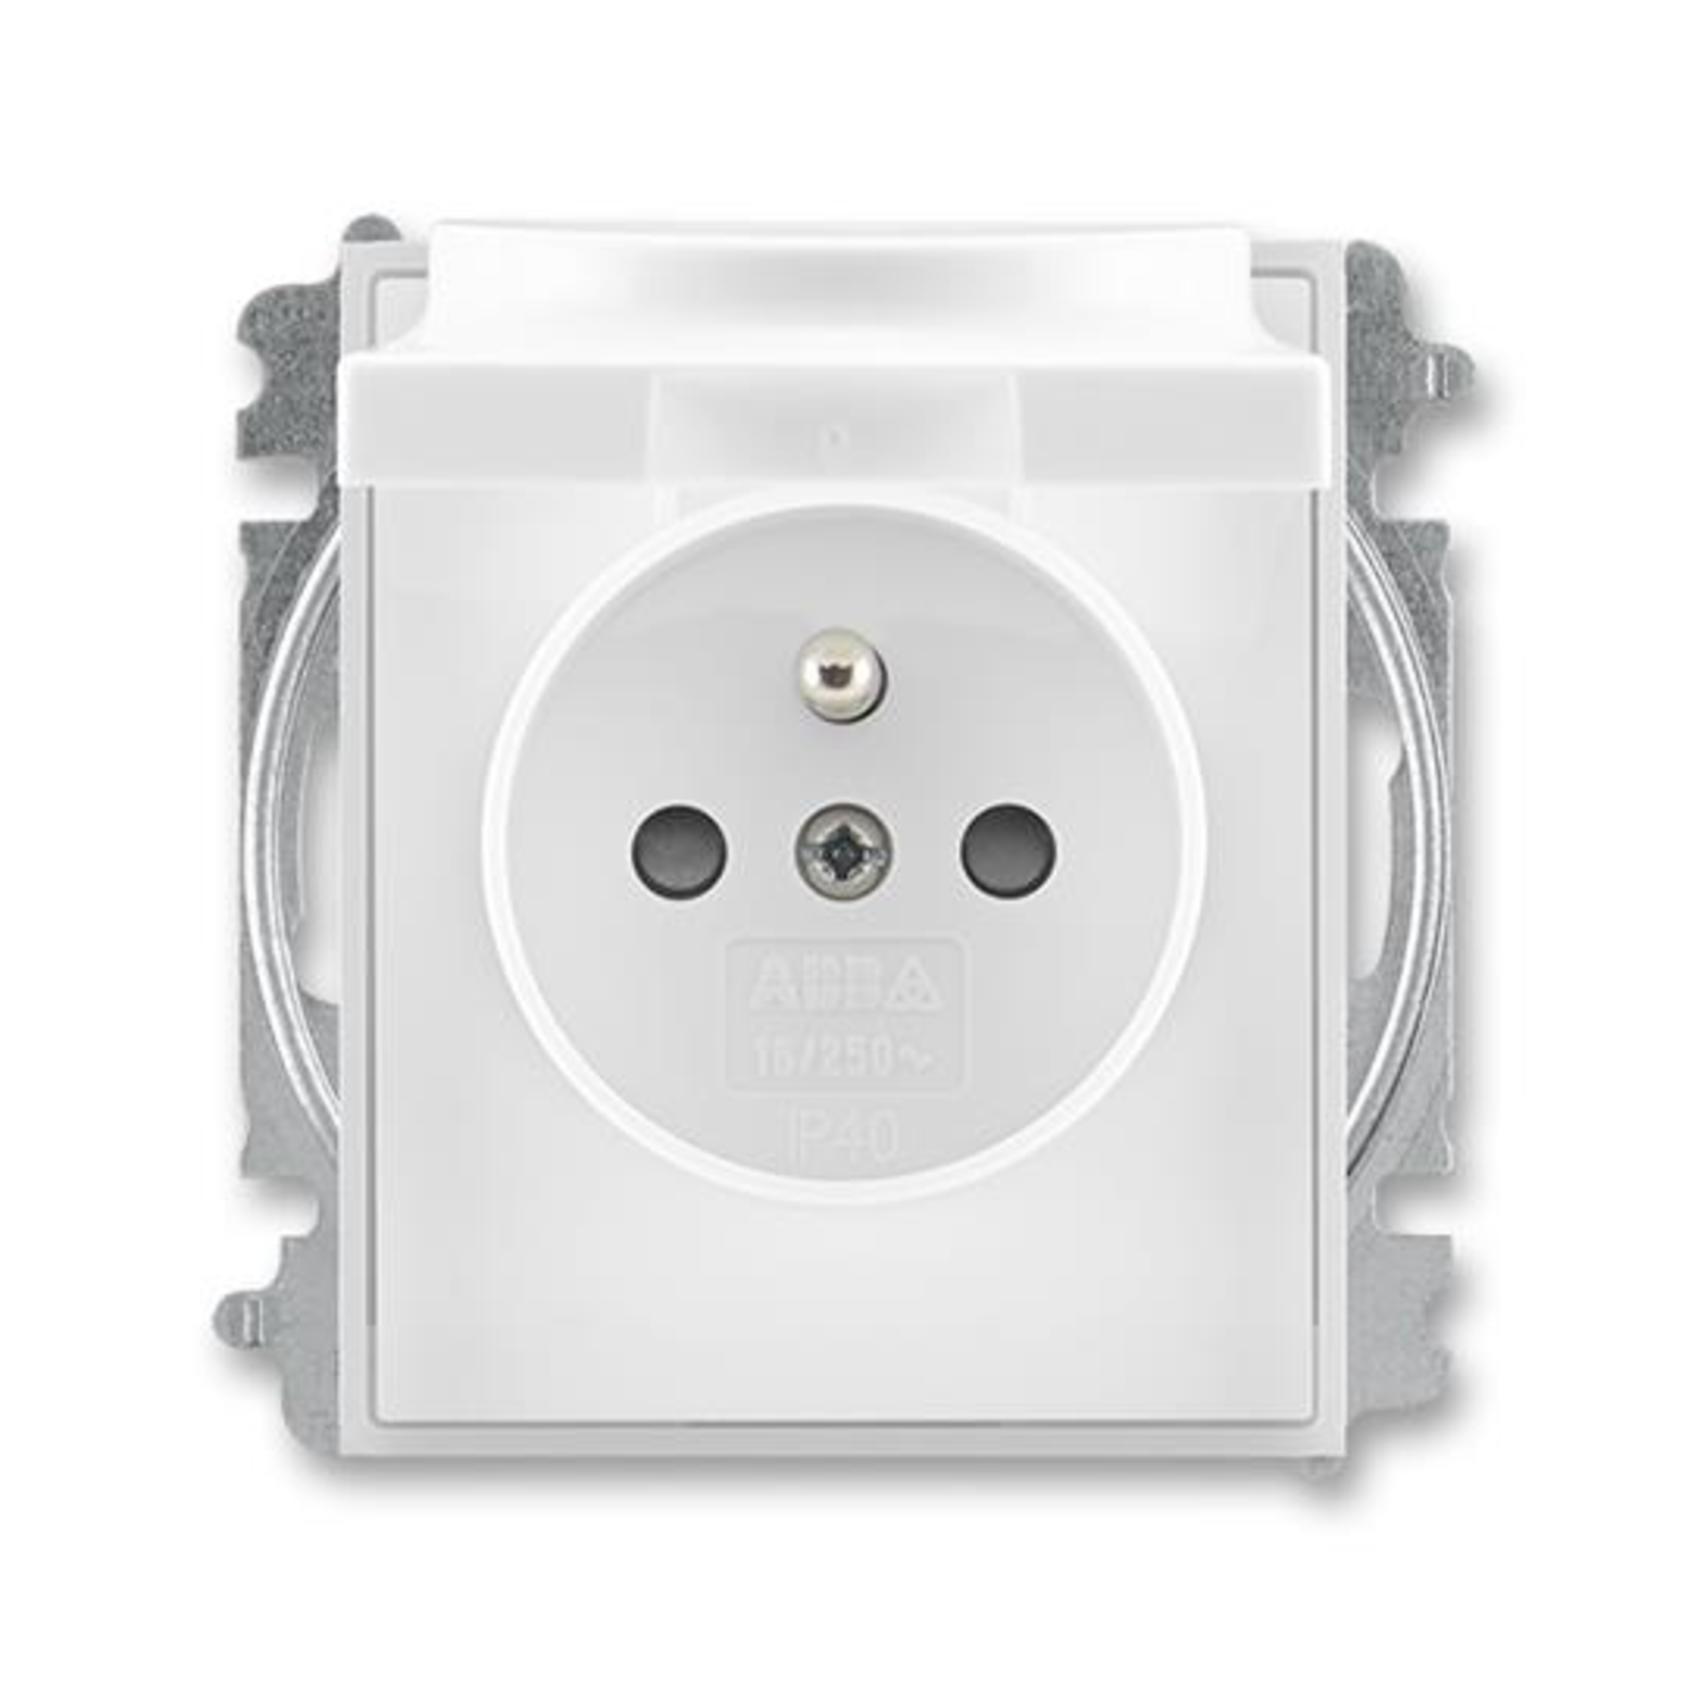 ABB 5519E-A02397 01 Element Zásuvka jednonásobná, chráněná, s clonkami a víčkem, s bezšroub. sv.